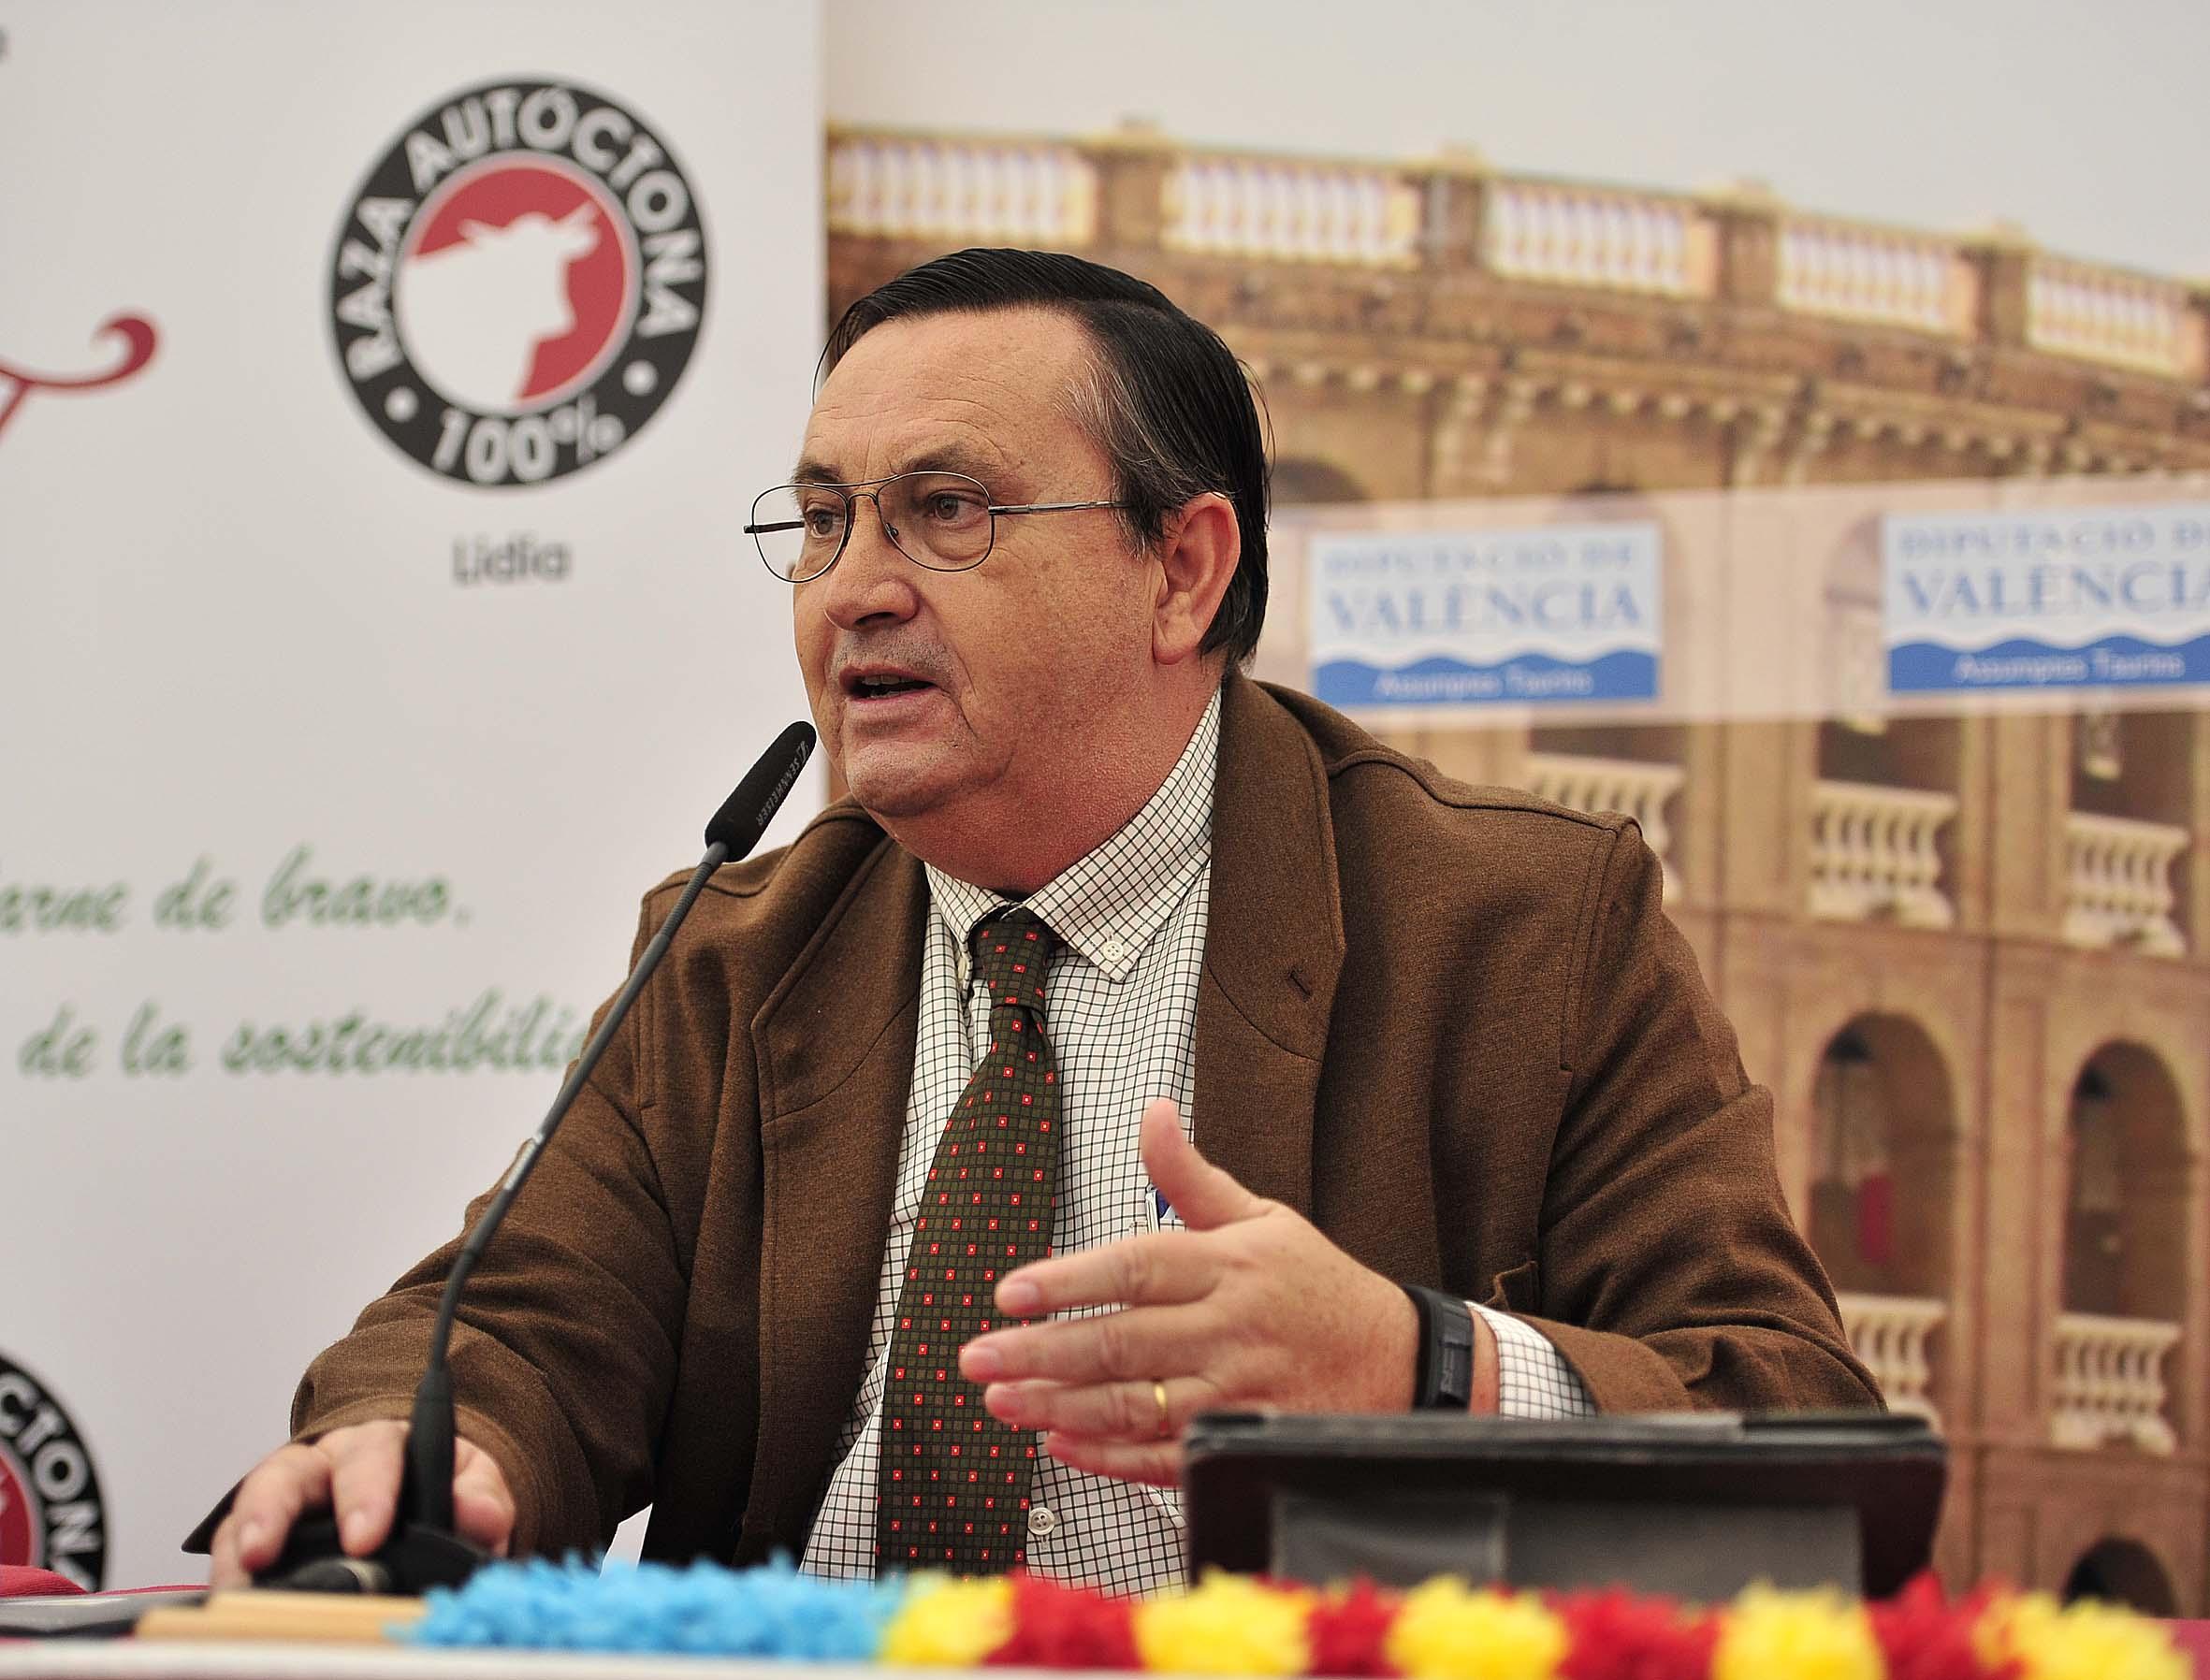 Víctor Huertas Vega, licenciado en Veterinaria, ganadero de bravo y presidente de la Asociación de Ganaderías de Lidia (AGL).